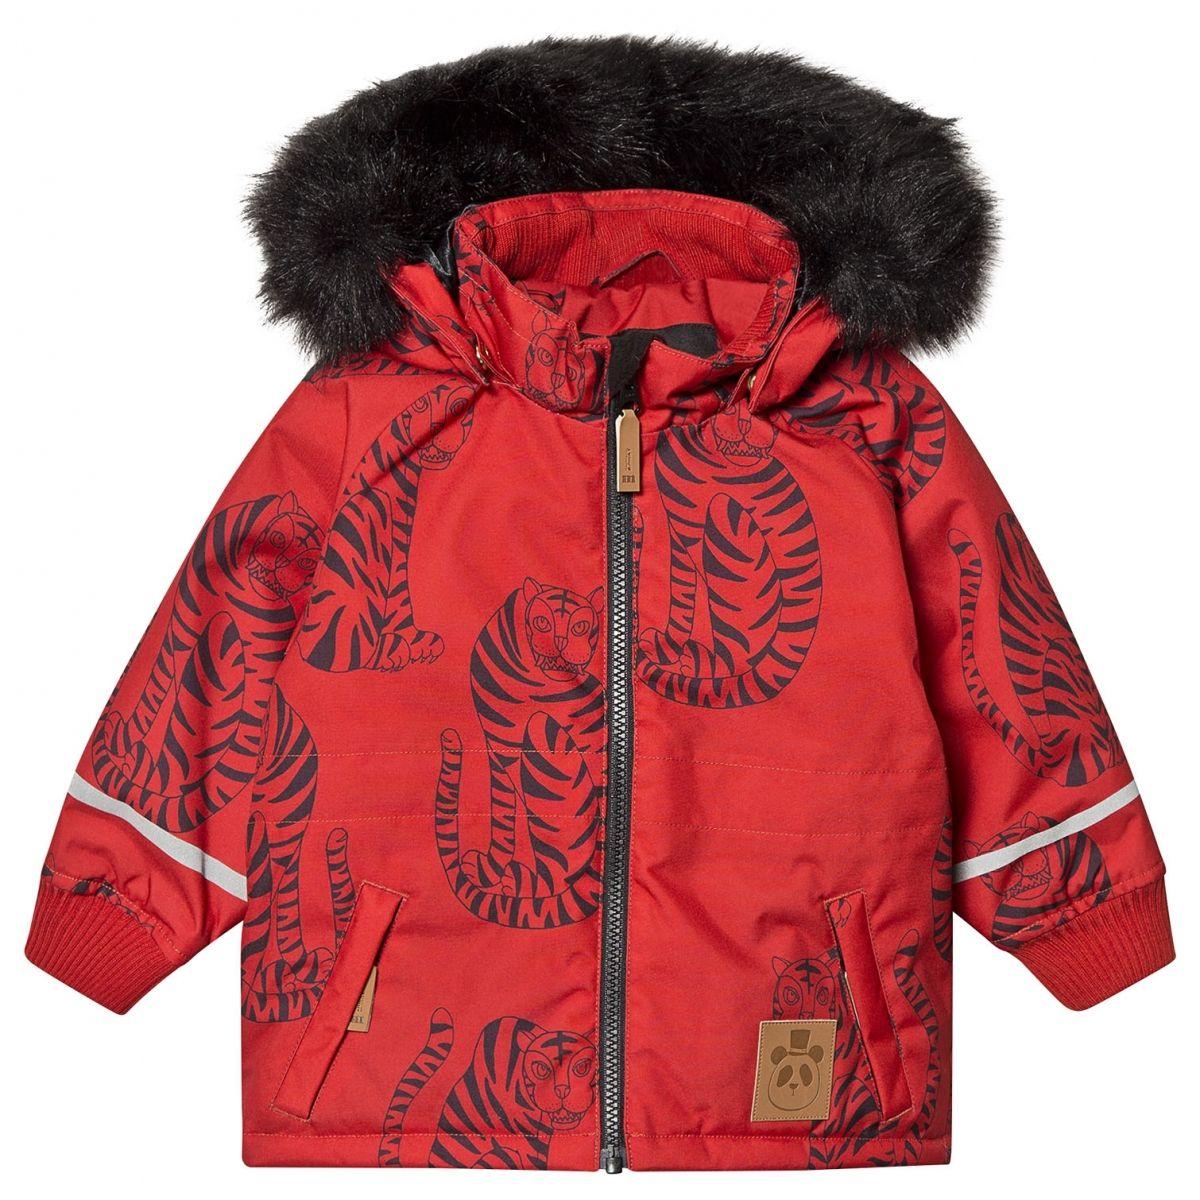 K2 tiger jacket red